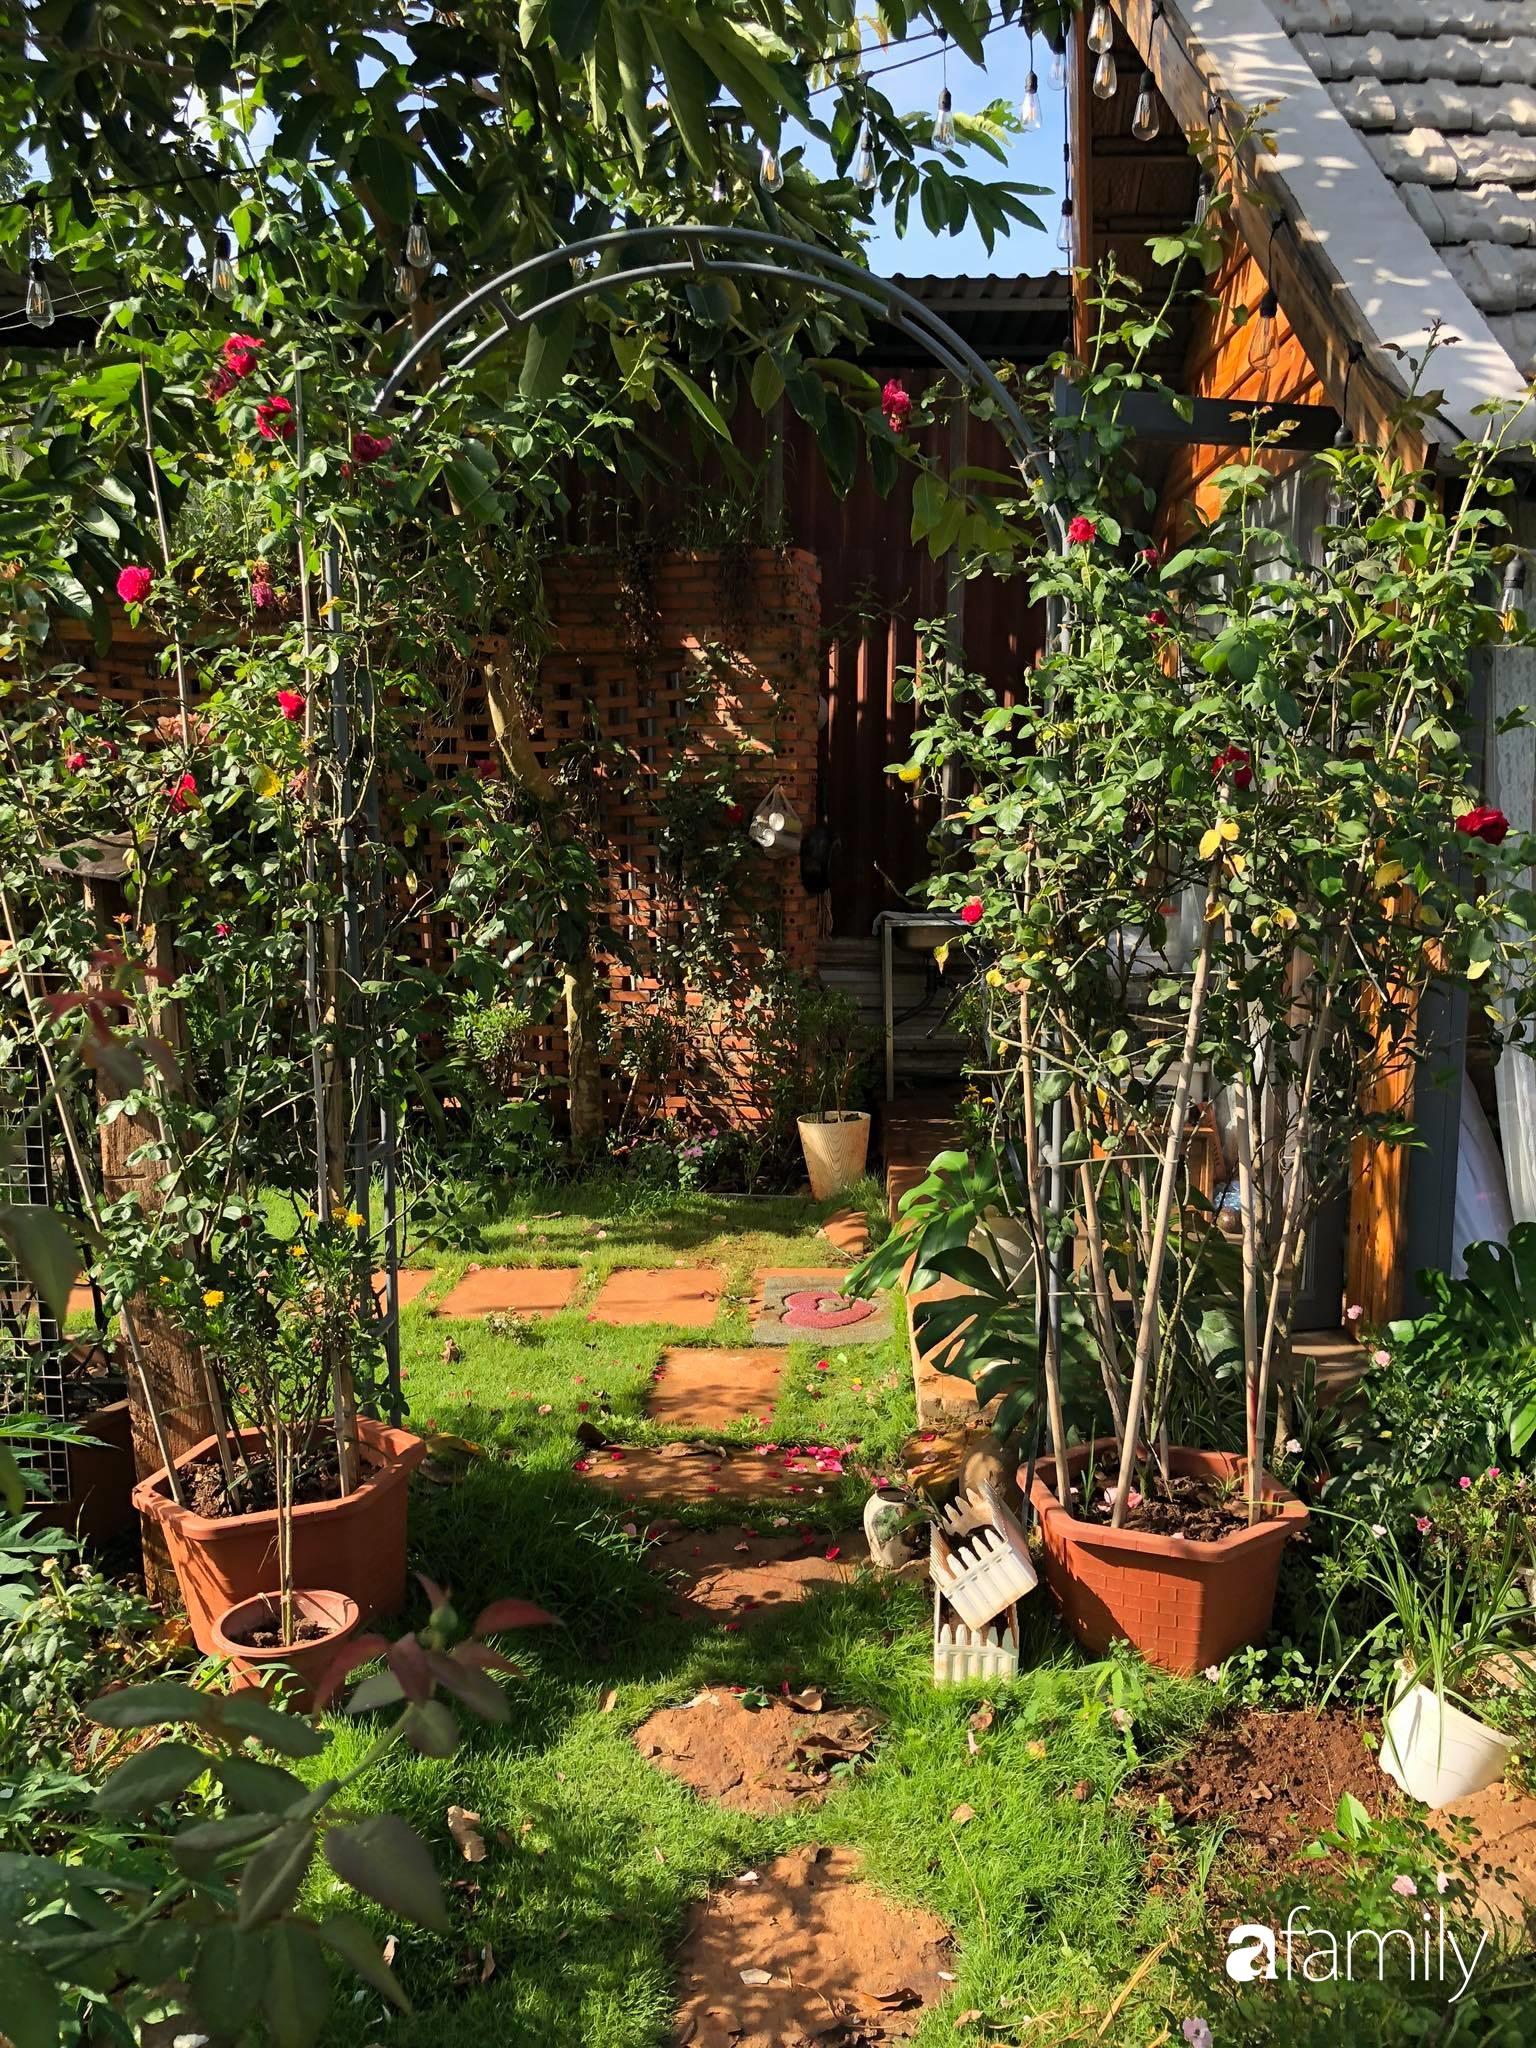 Khu vườn hoa hồng đẹp như cổ tích mà người chồng ngày đêm chăm sóc để tặng vợ con ở Vũng Tàu-32